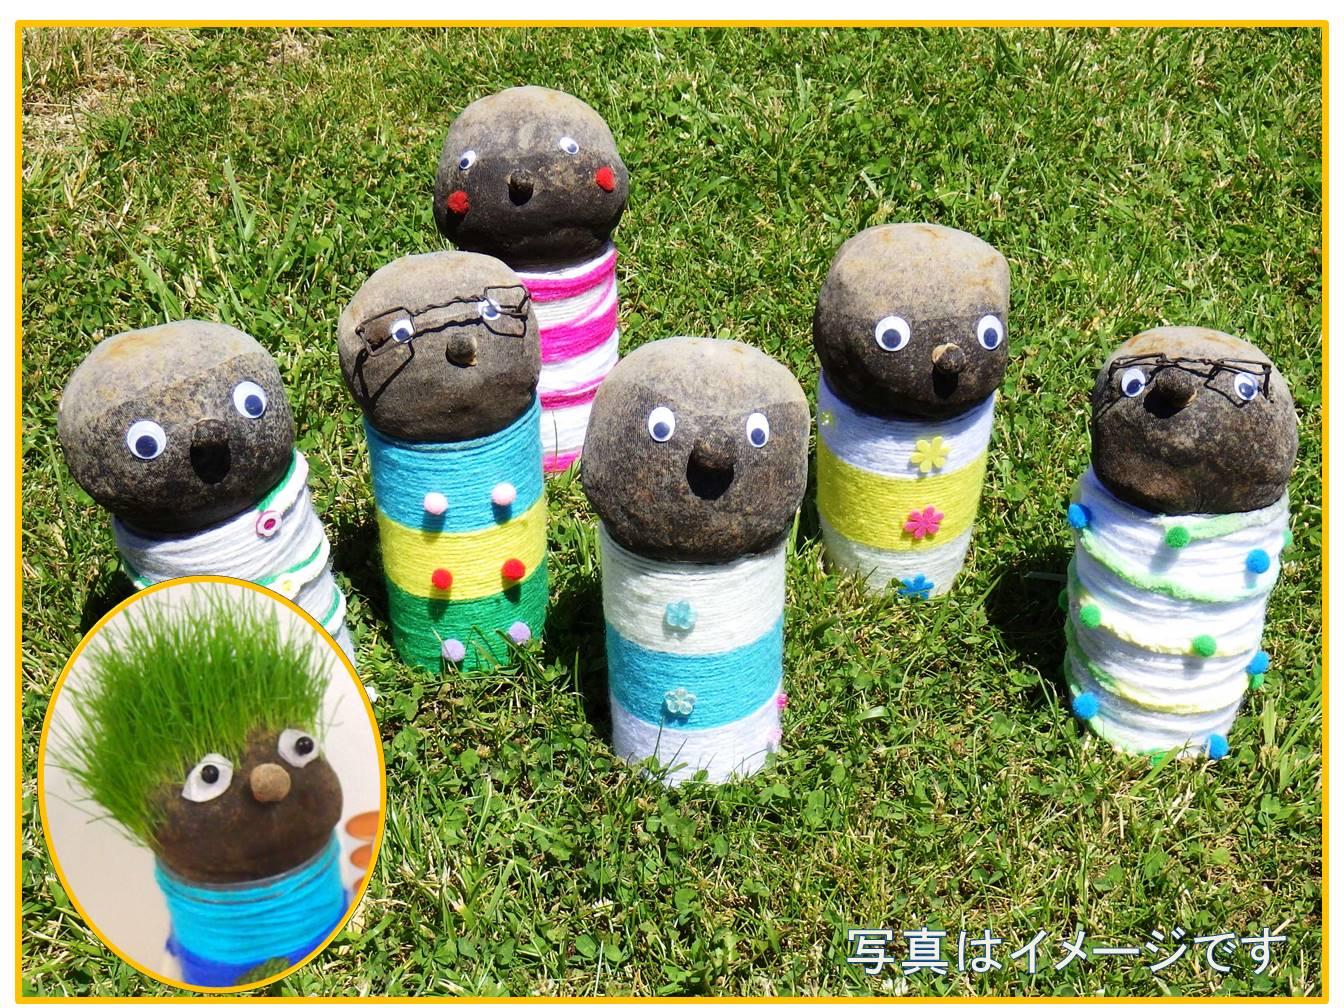 【夏休みの自由研究】芝生人形を作ろう